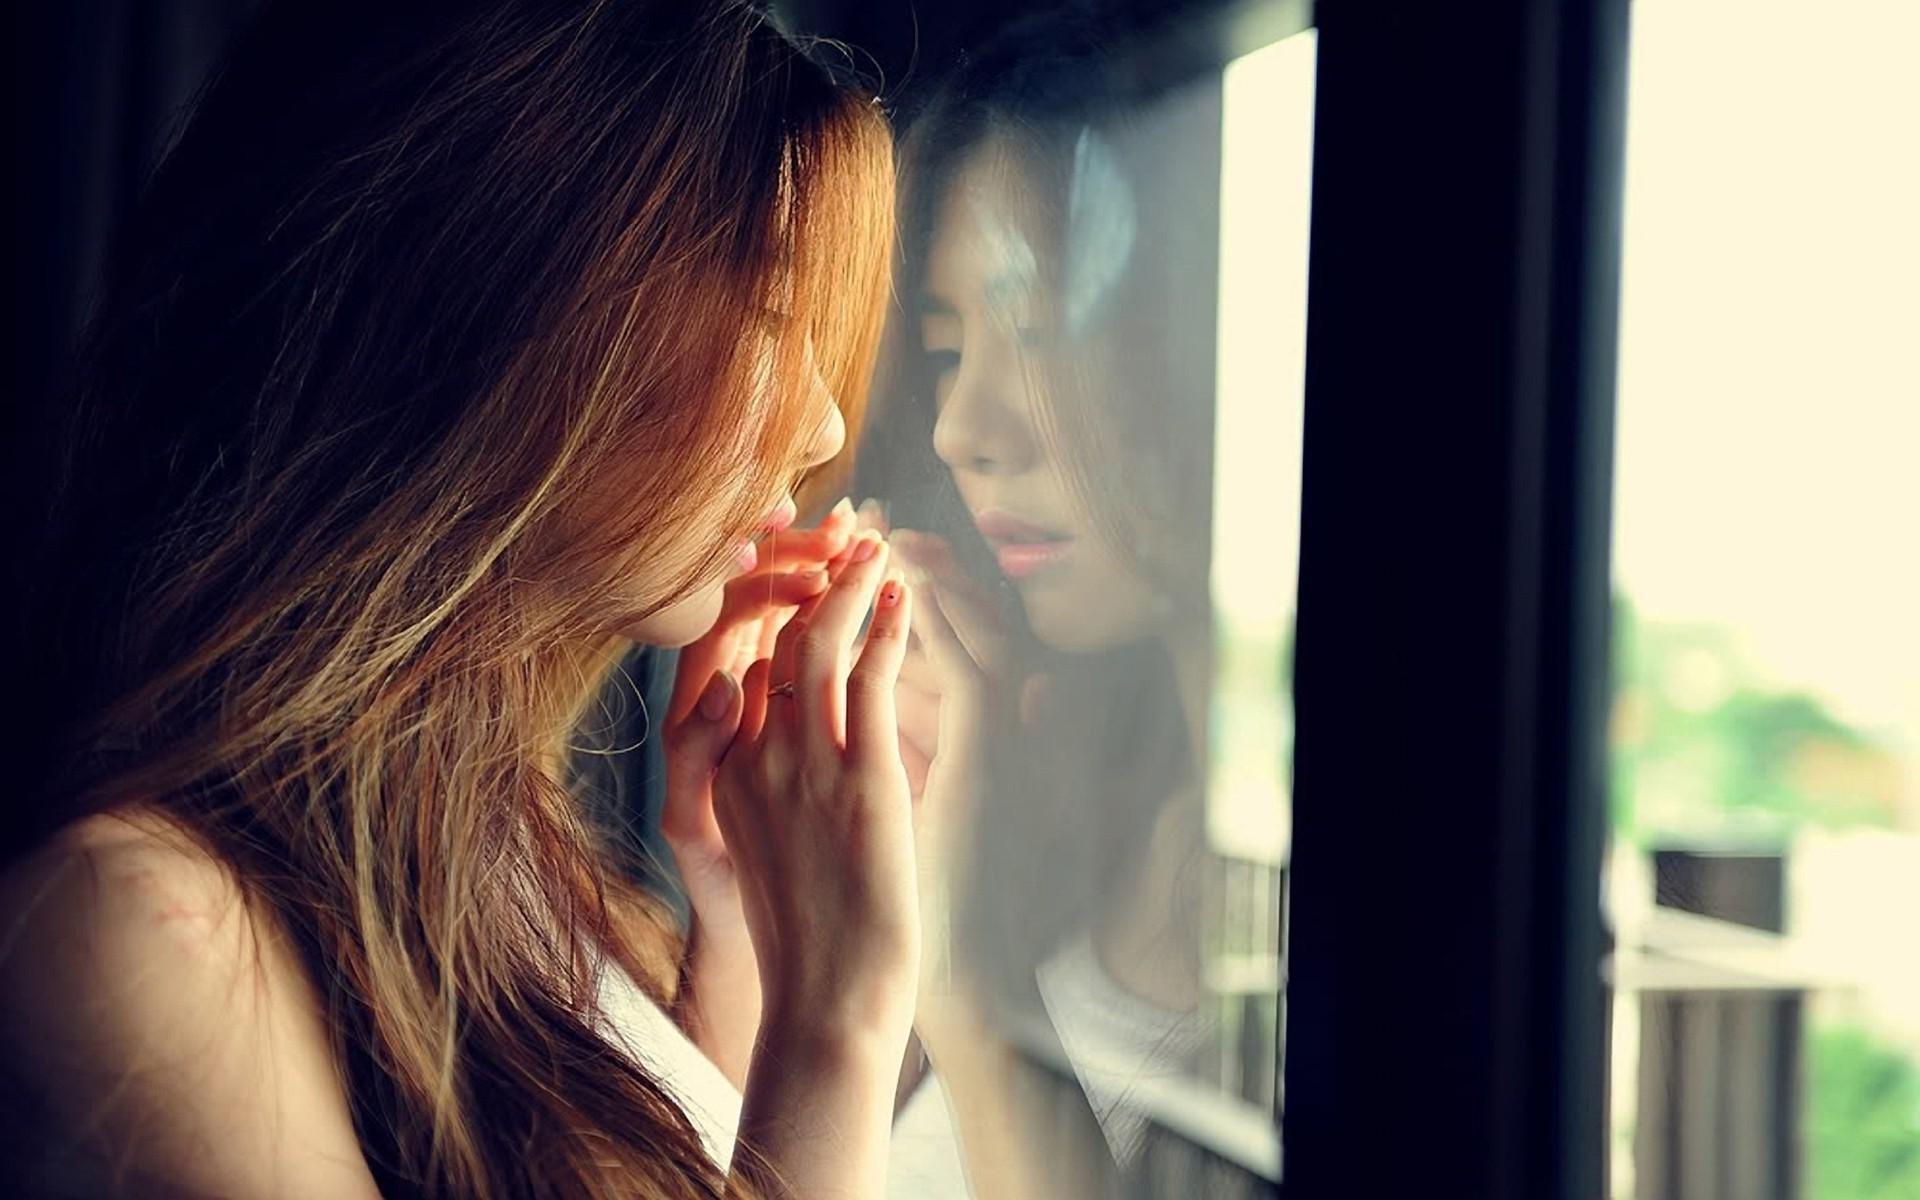 красивая картинка скрывает картинки днем